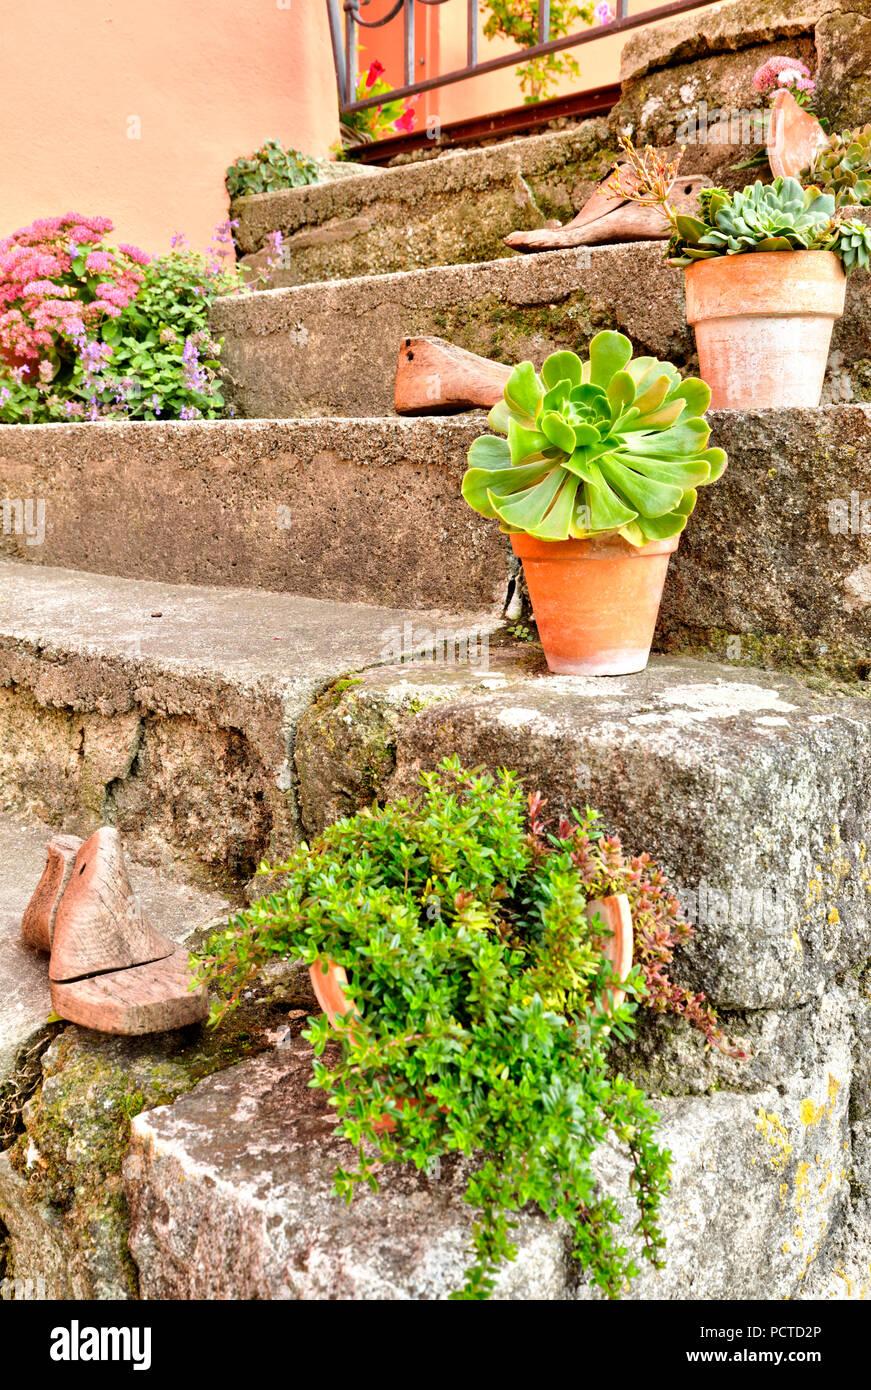 Plantas Suculentas, plantas verdes, Pot, escaleras, Idilio, Passau, Baja Baviera, Alemania Foto de stock